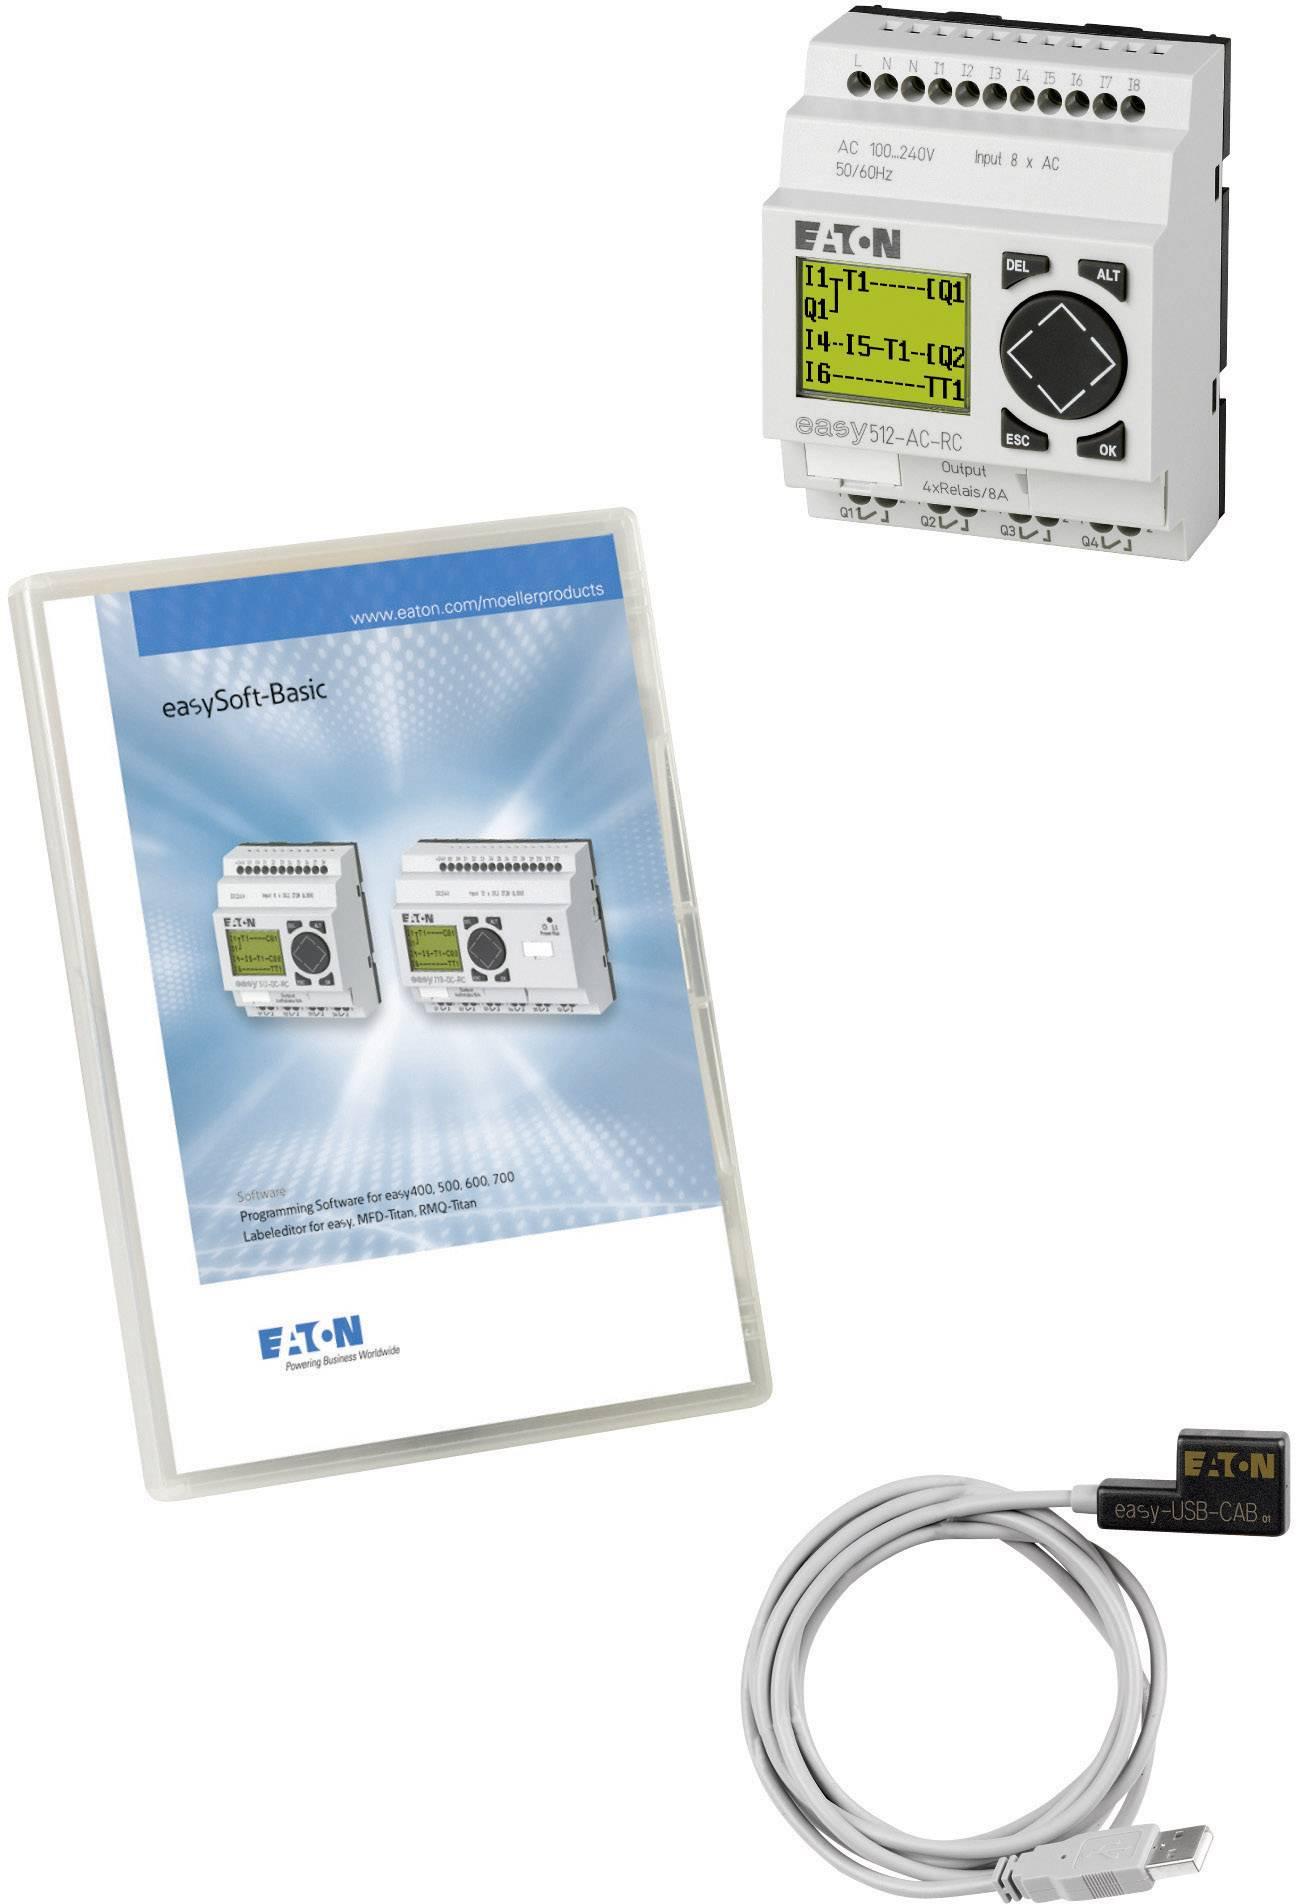 Základní sada Easy Mini Box USB, Eaton 116563, 24 V/DC